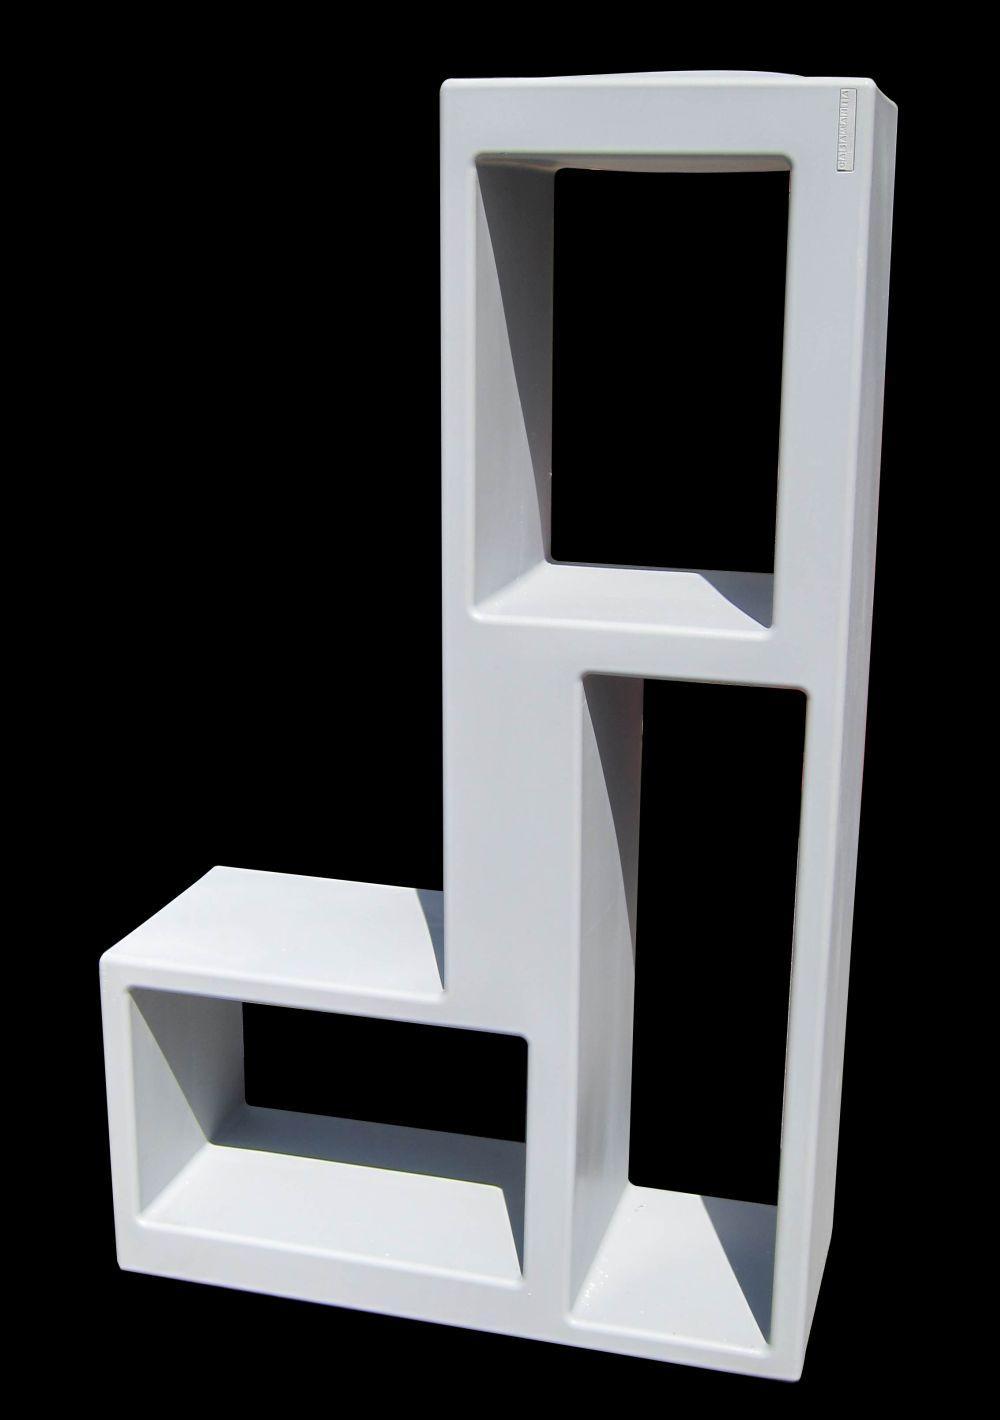 Modular polyethylene bookcase